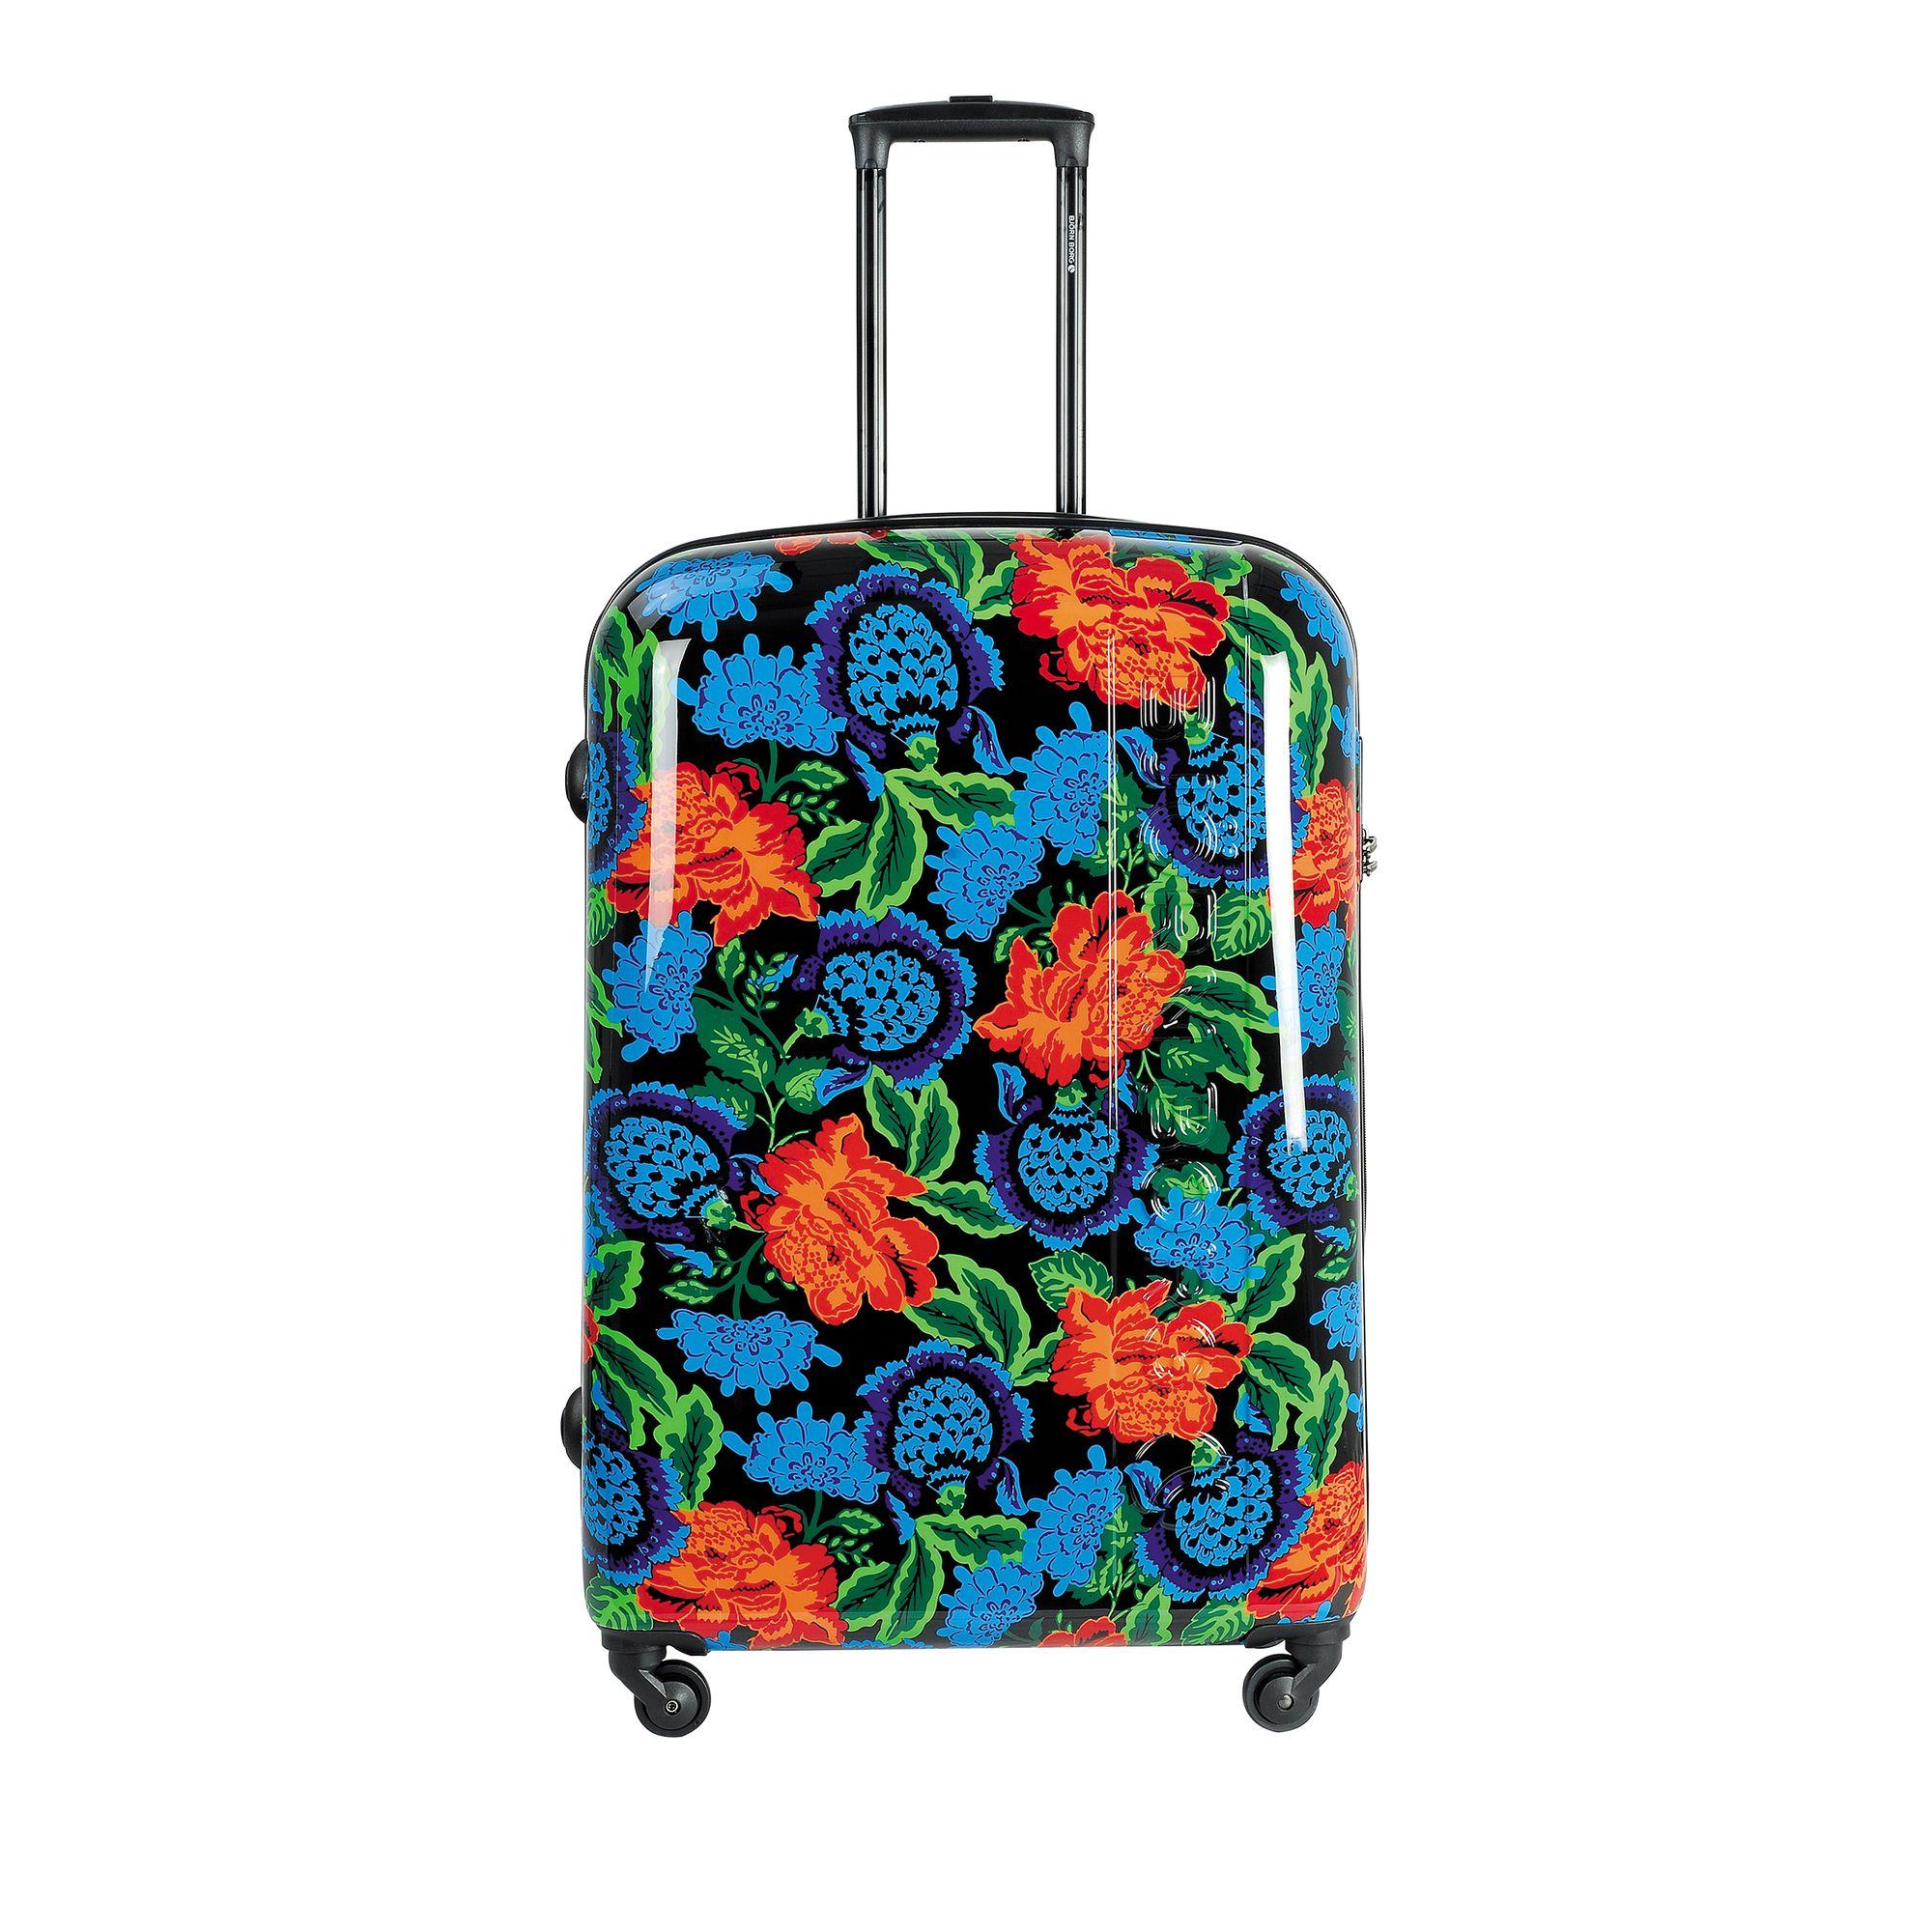 Björn Borg Hot Solid resväska, 4 hjul, 55/65/78 cm, Svart med mönster, 78cm